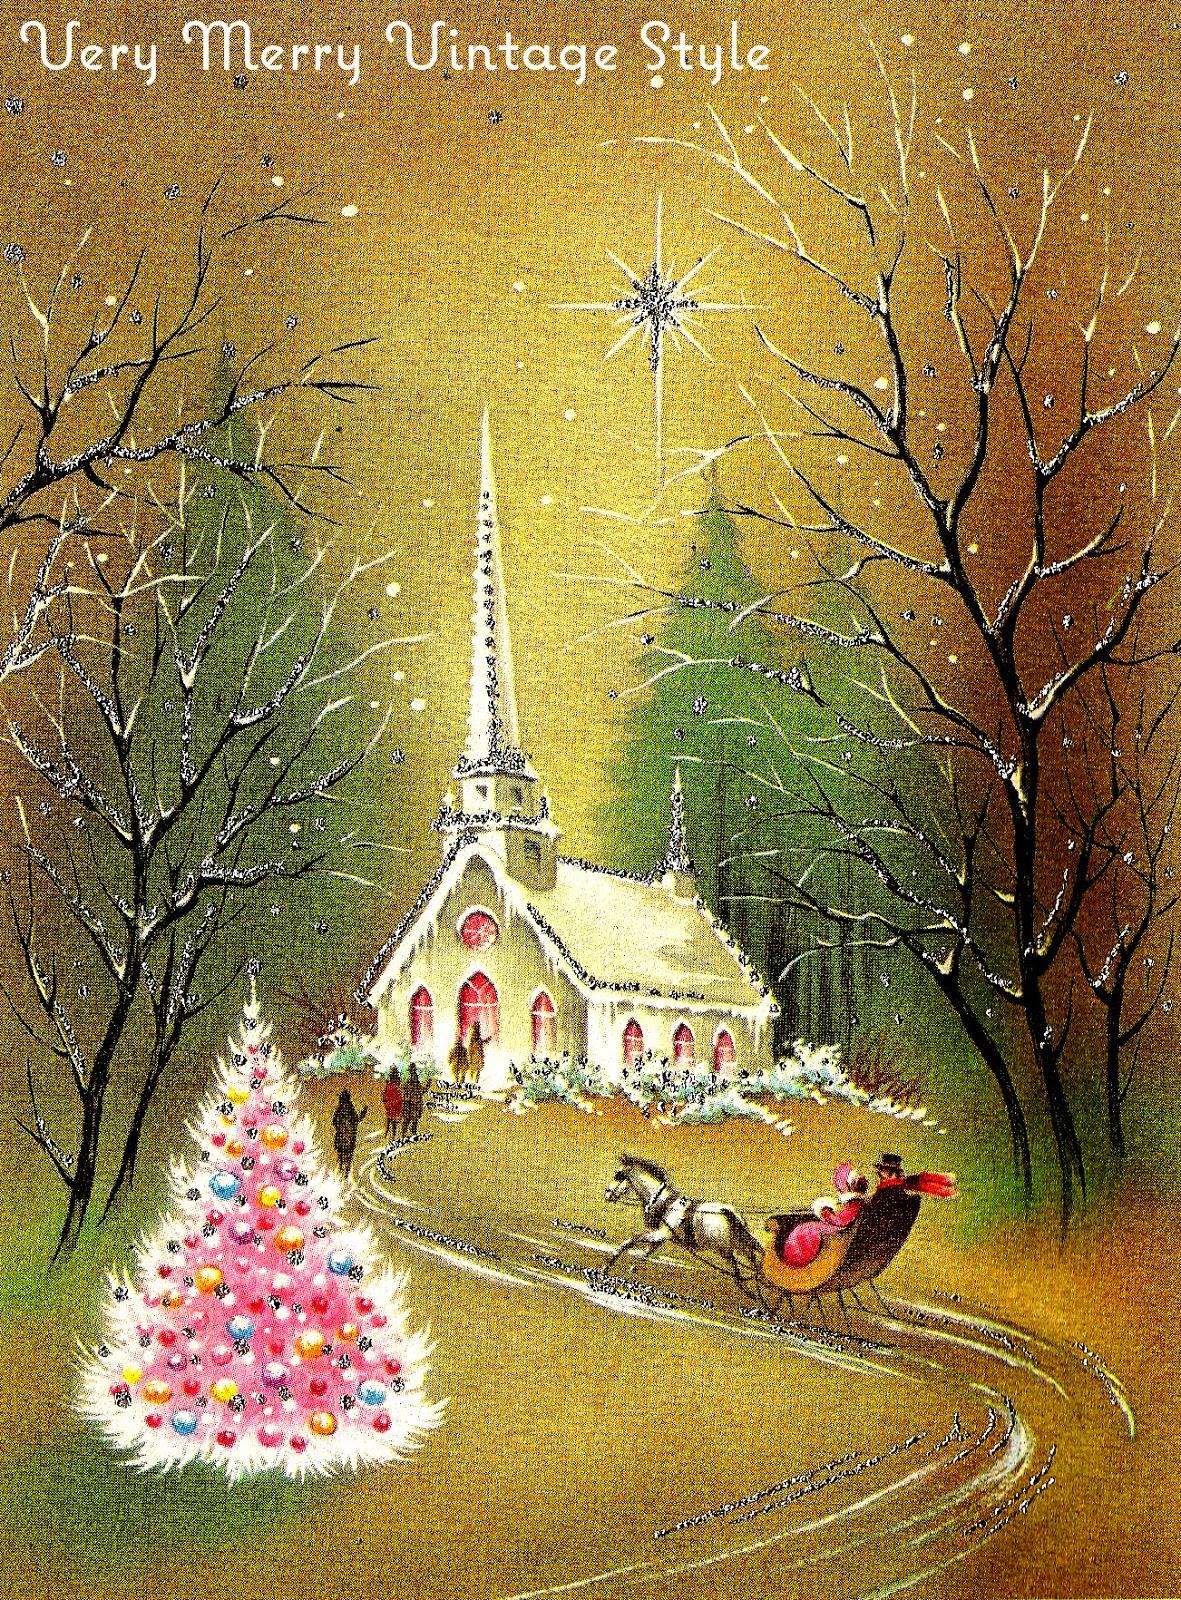 very merry vintage syle vintage christmas cards pink week